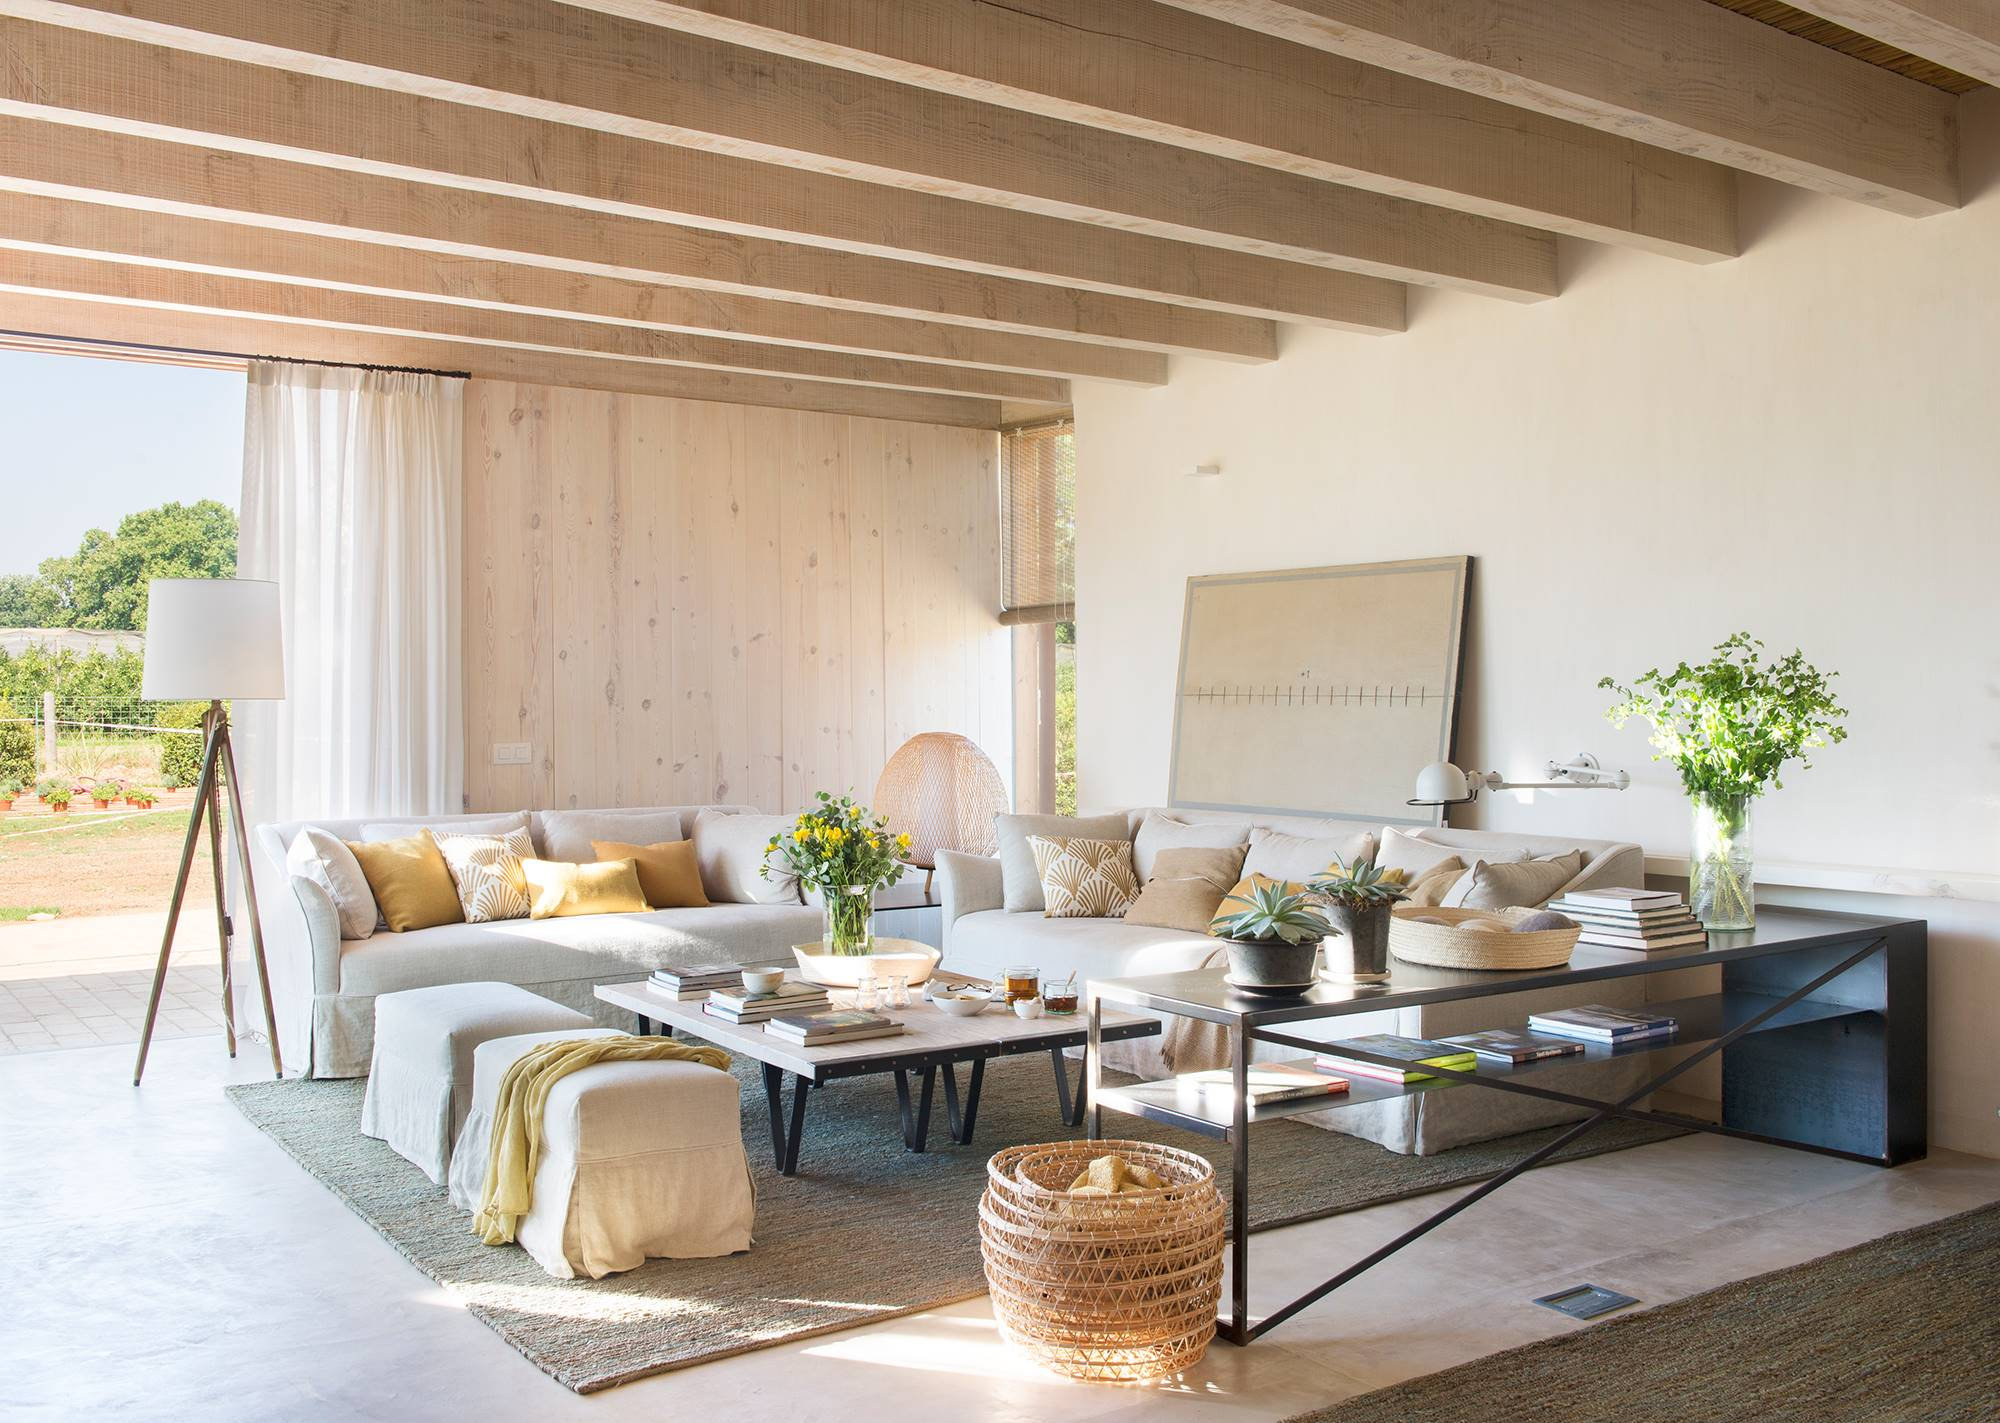 obras de arte geniales para sala de estar Decoracin De Salones Los 100 Mejores De El Mueble